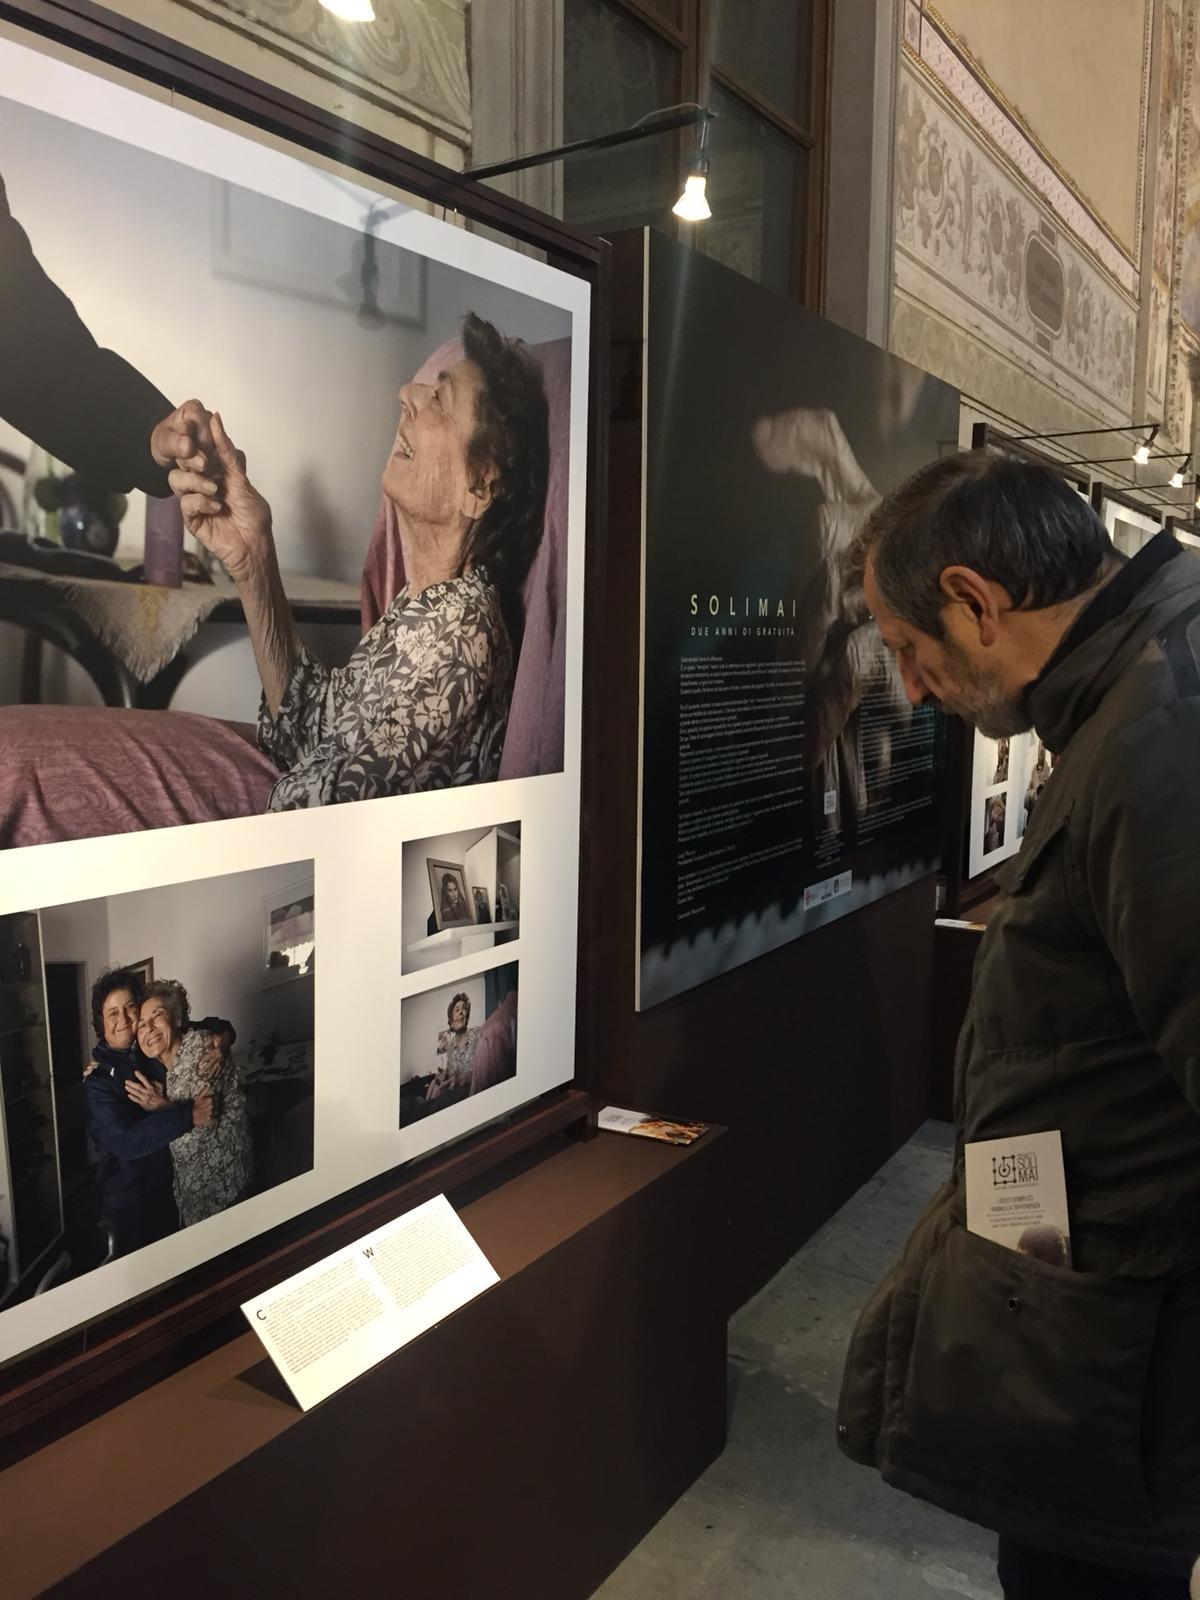 Mostra Solimai in Palazzo Vecchio_2018 (3).jpg